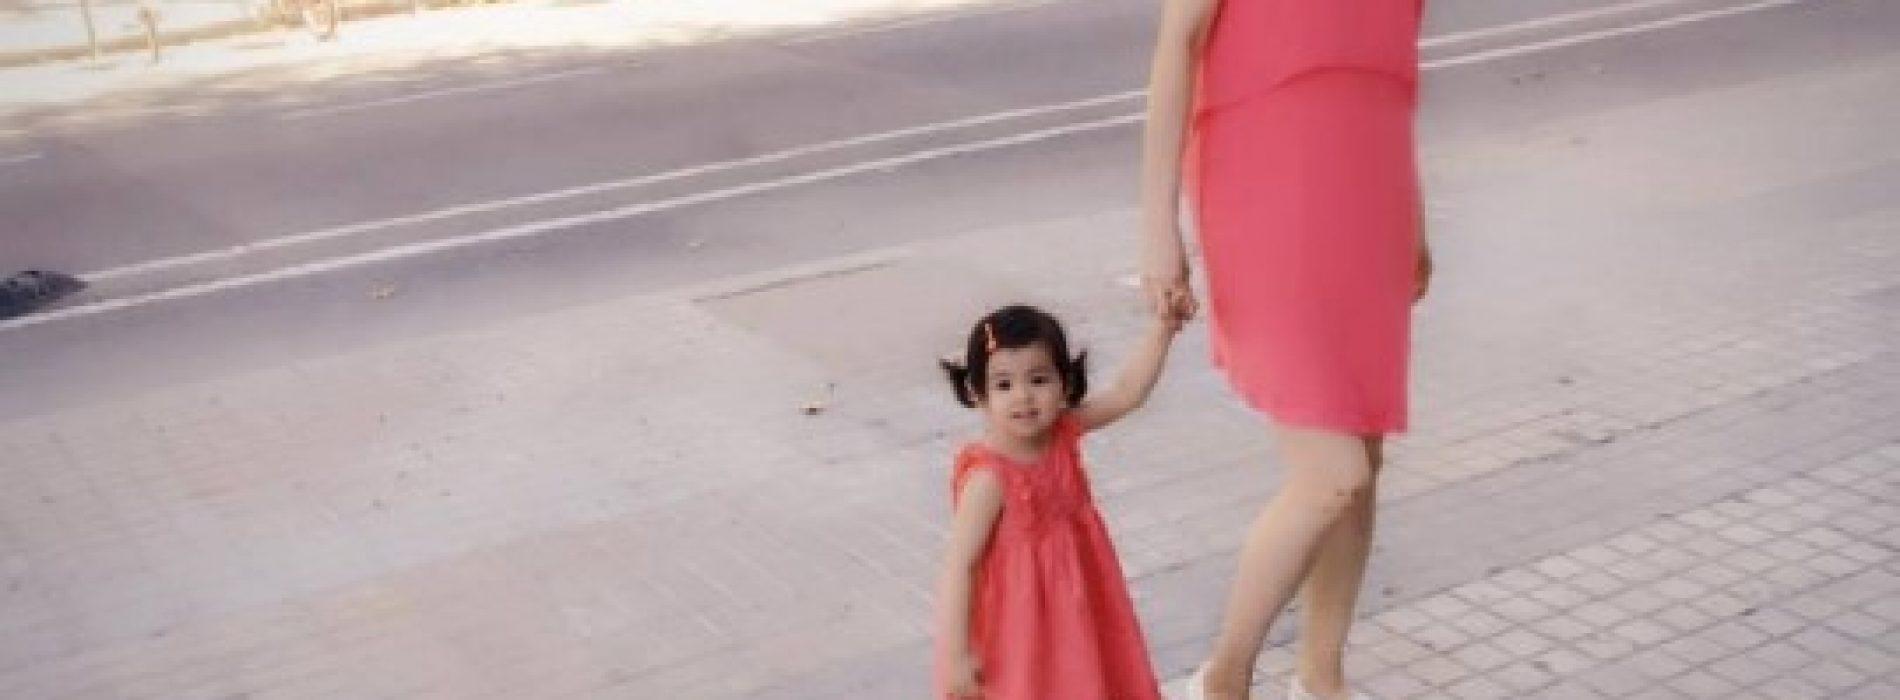 同囡囡Sofia齊穿粉紅母女裝  甜蜜遊台北